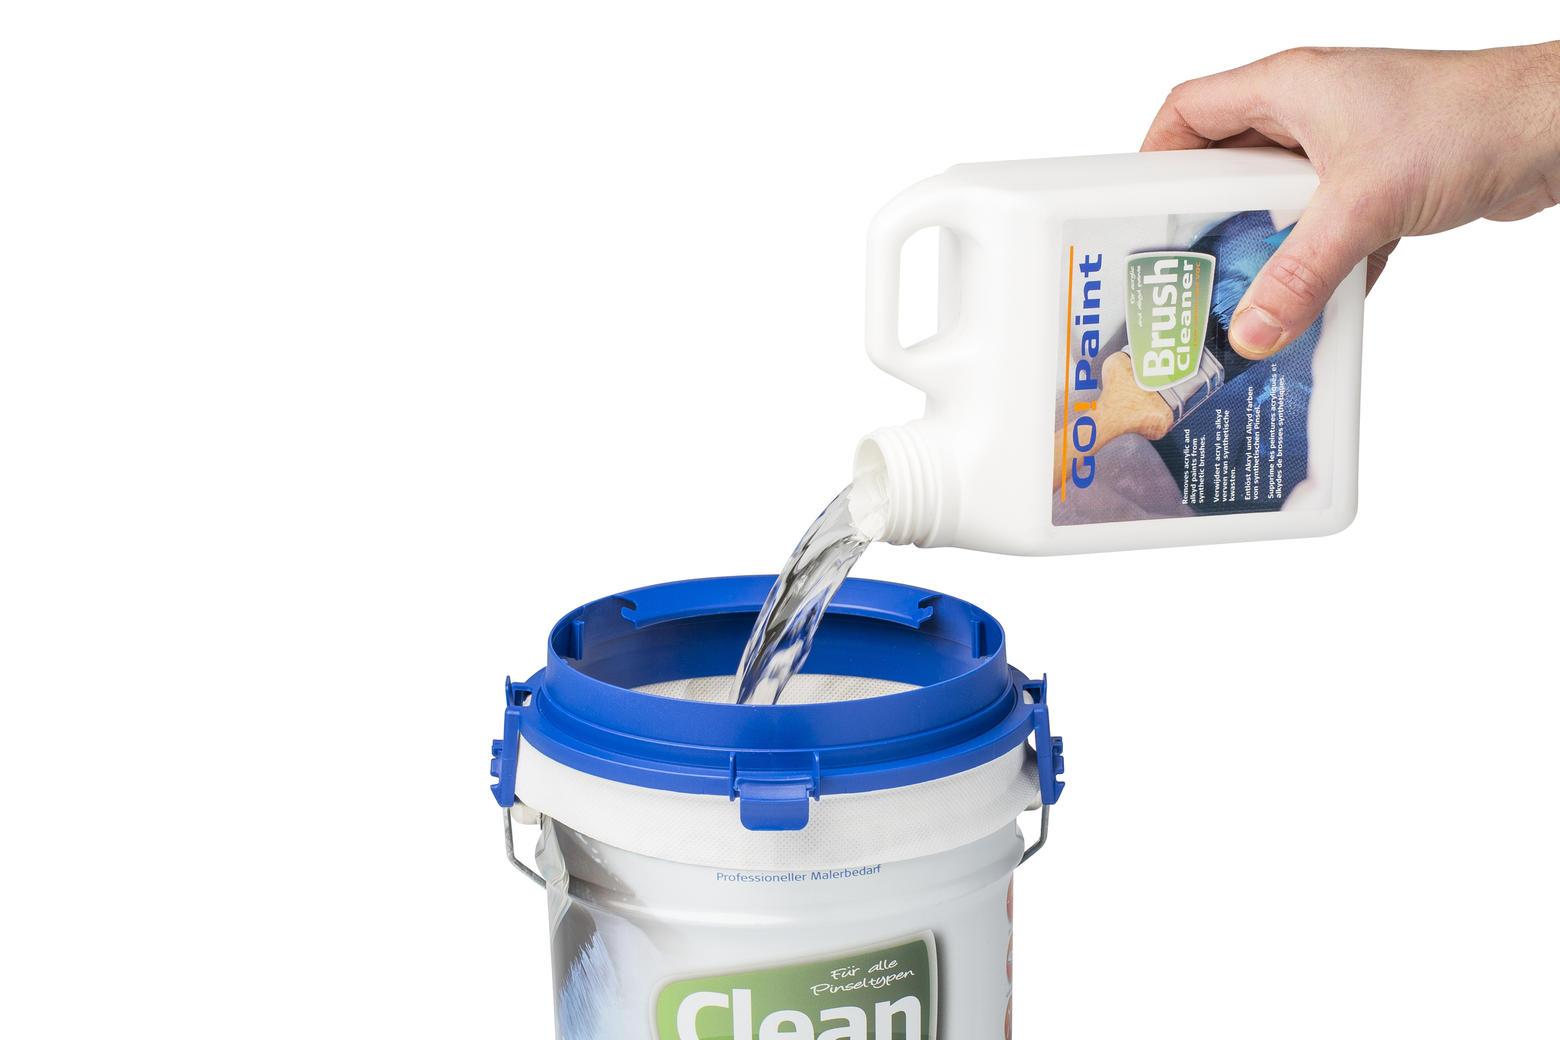 Reinigungsflüssigkeit kann öfters benutzt werden, Pinsel bleiben länger in guter Kondition.